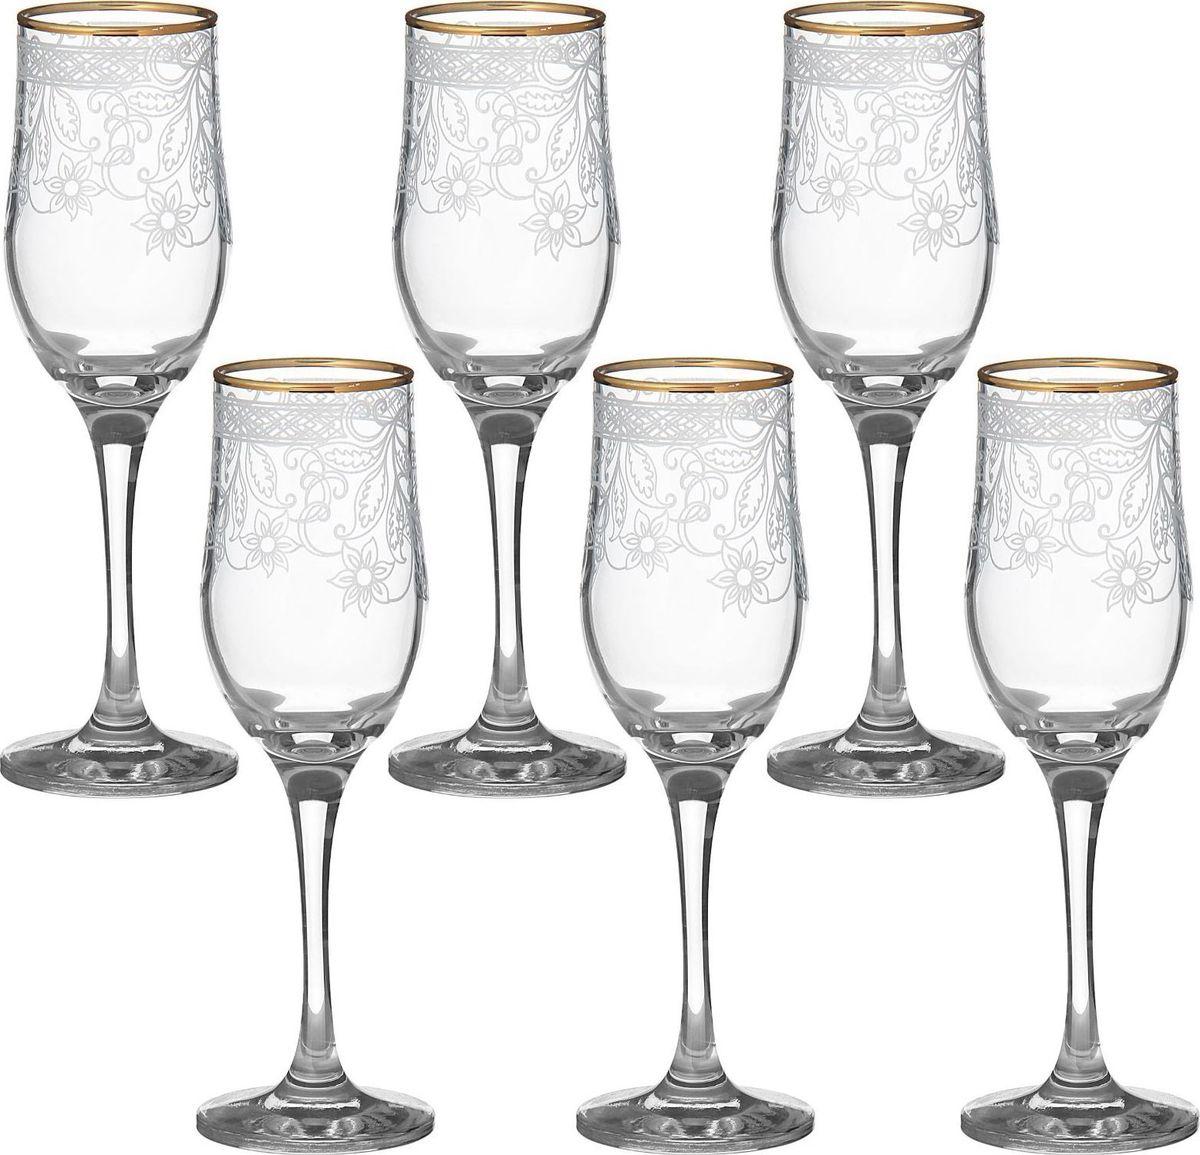 Набор бокалов для шампанского Декостек Акация, 200 мл, 6 шт. 1599307 набор бокалов для бренди коралл 40600 q8105 400 анжела